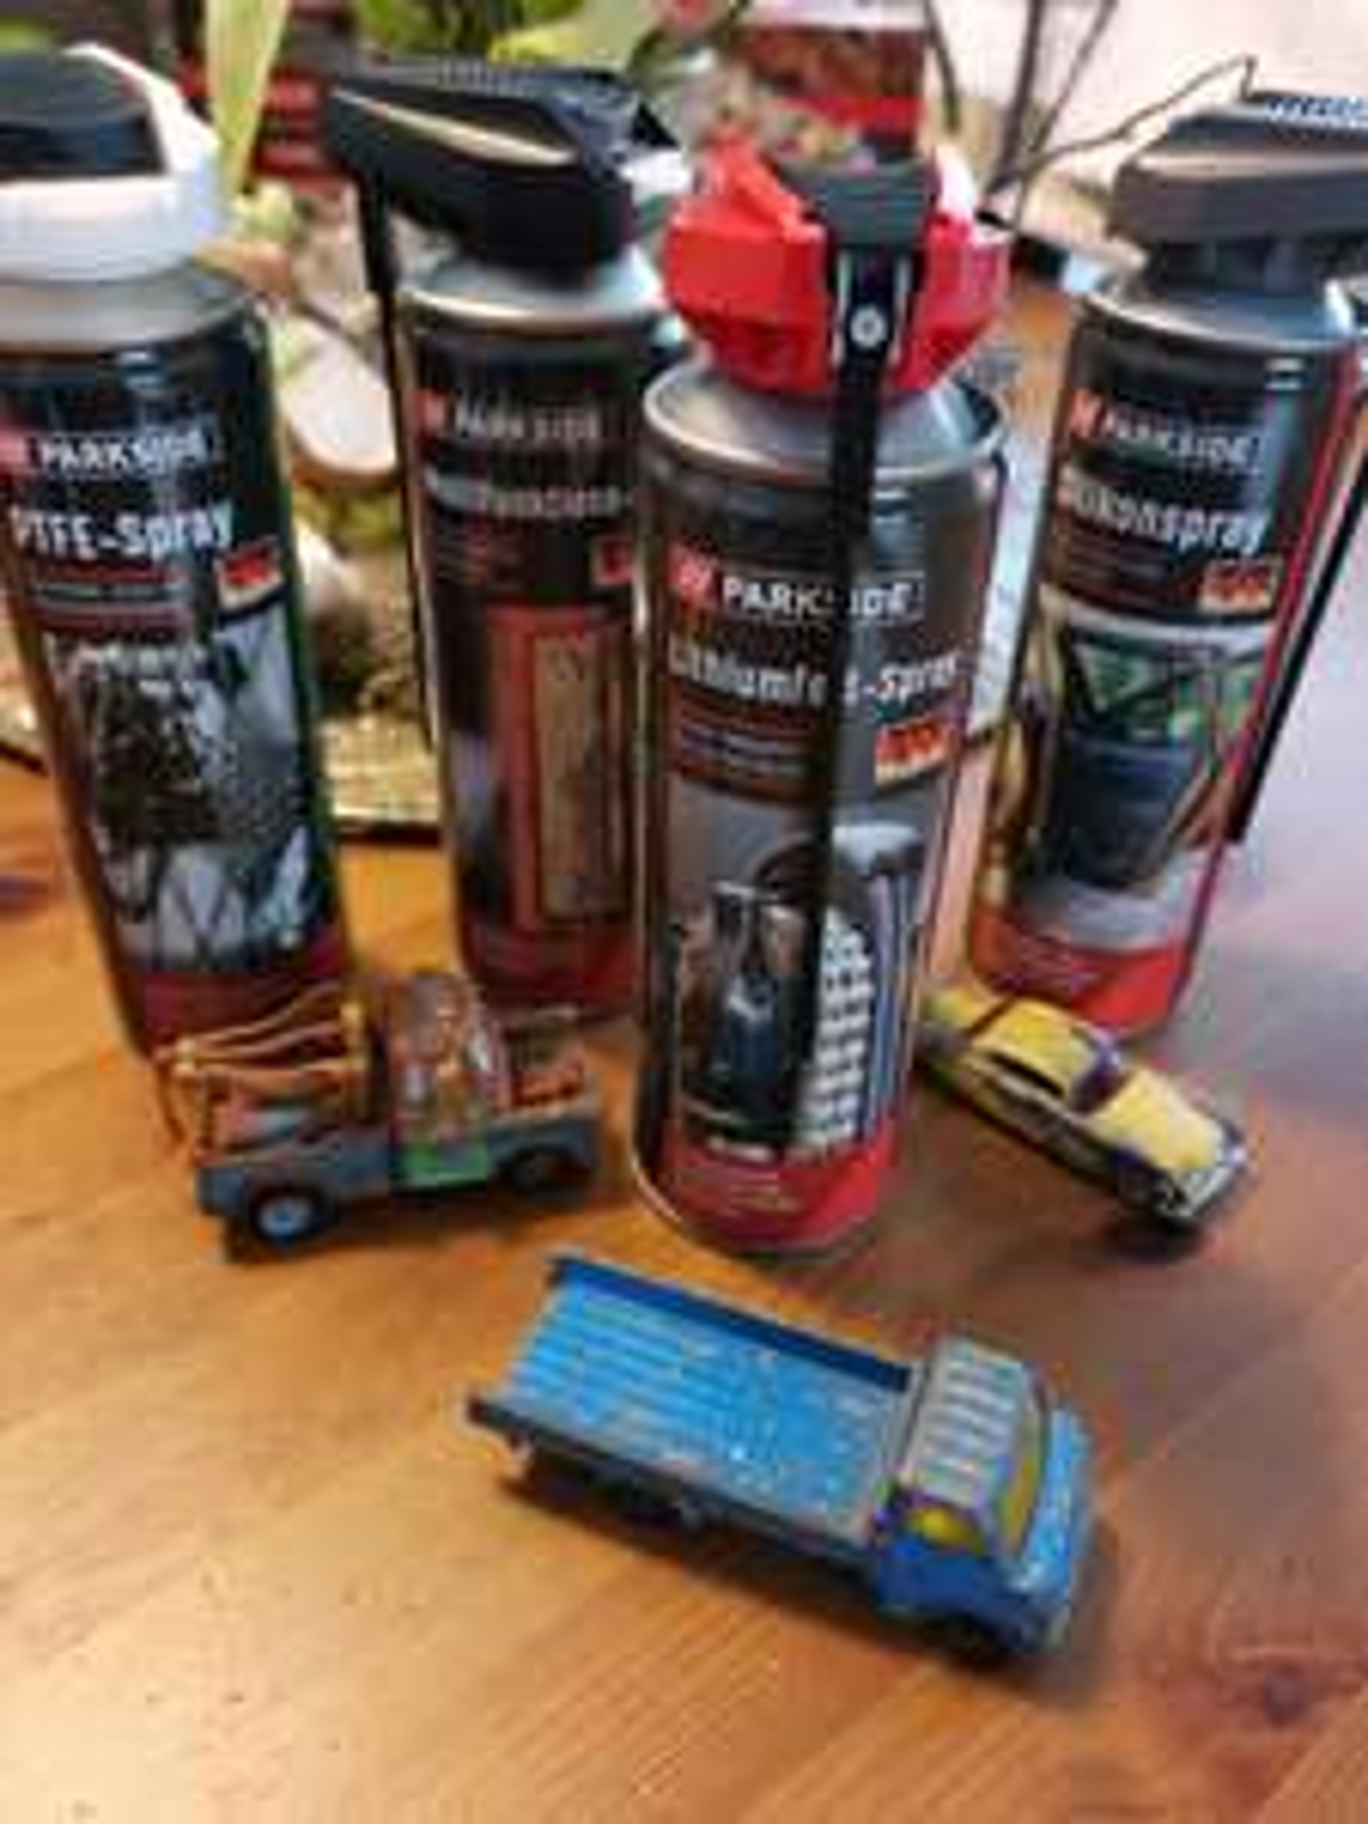 Lidl 1,99€ Multifunktionsöl / Lithiumfett / PTFE Spray / Silikonspray